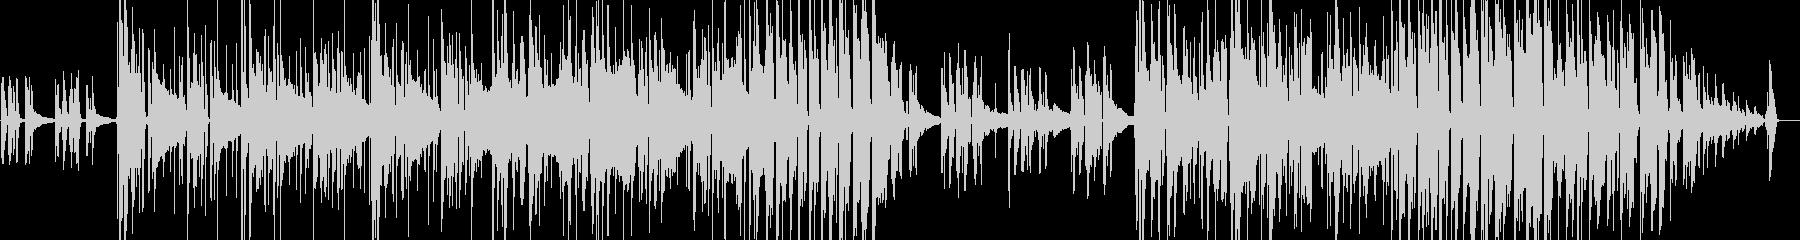 ジャズ楽器。 「コメディ」のひねり...の未再生の波形